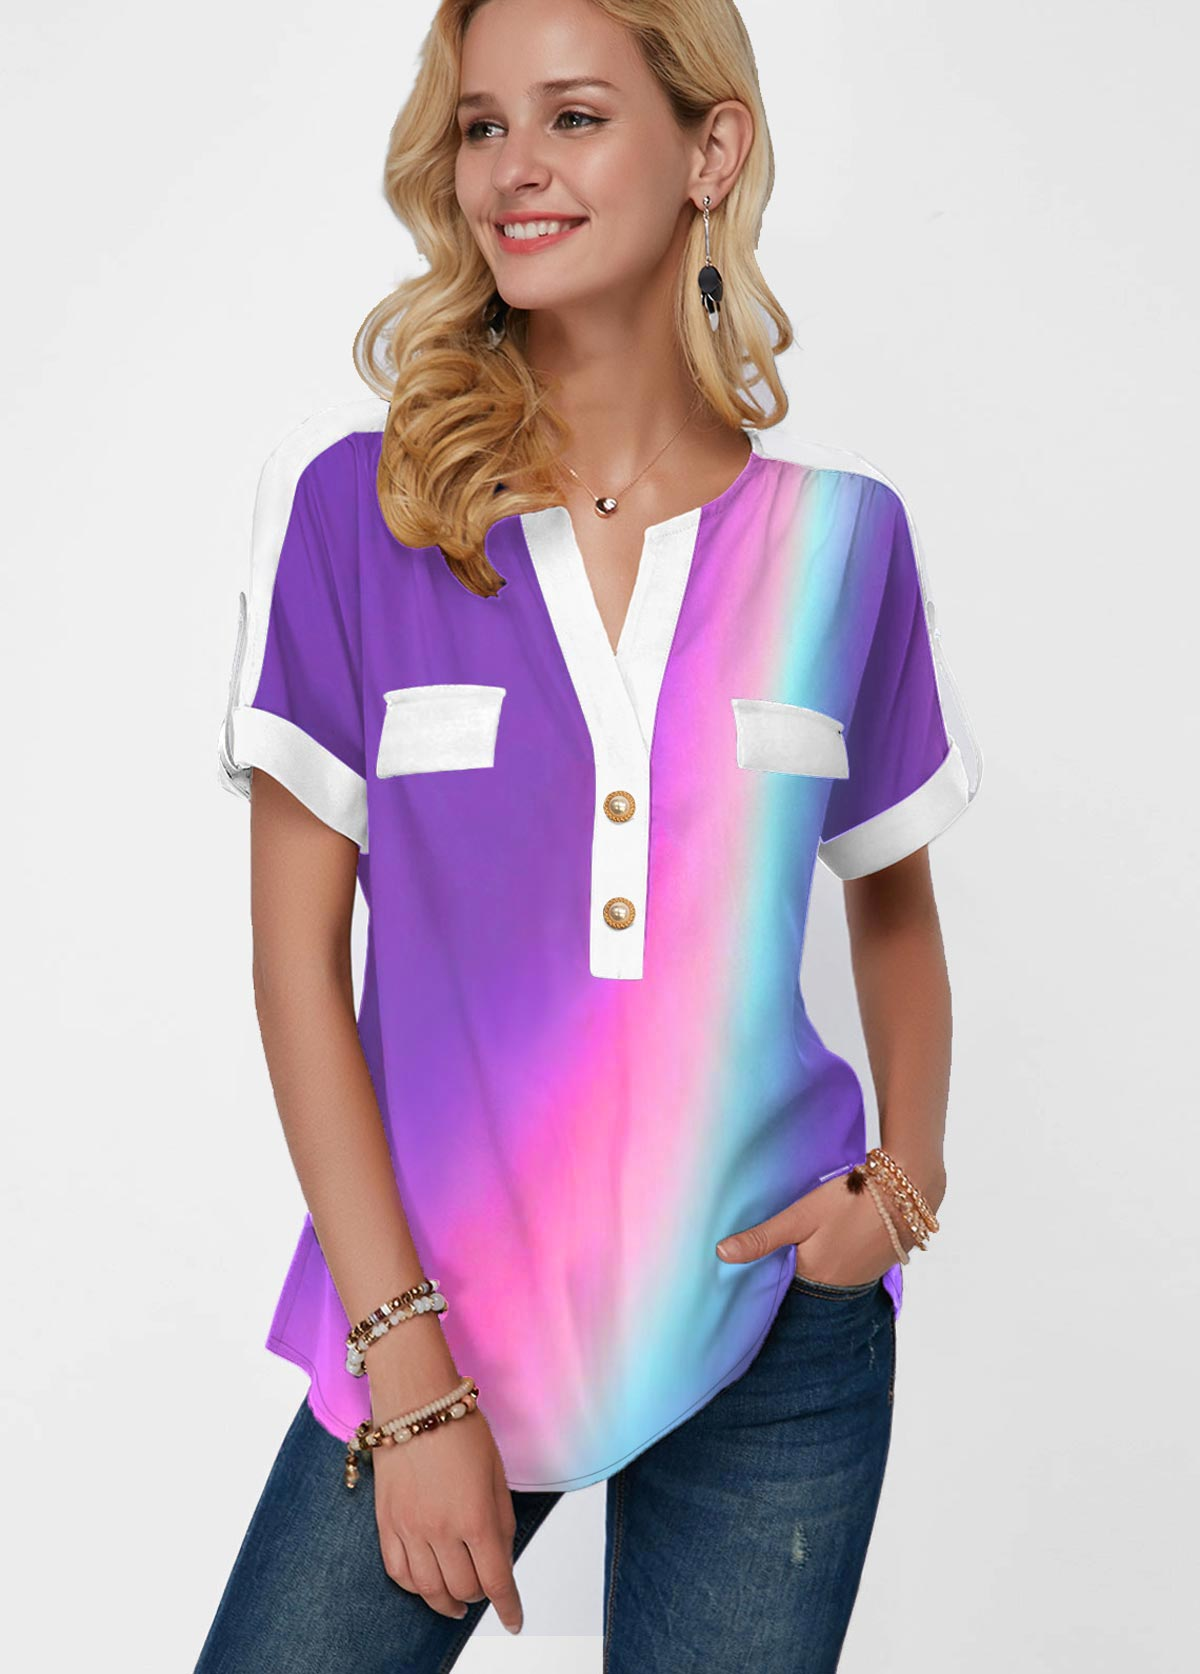 Button Detail Short Sleeve Rainbow Color Blouse